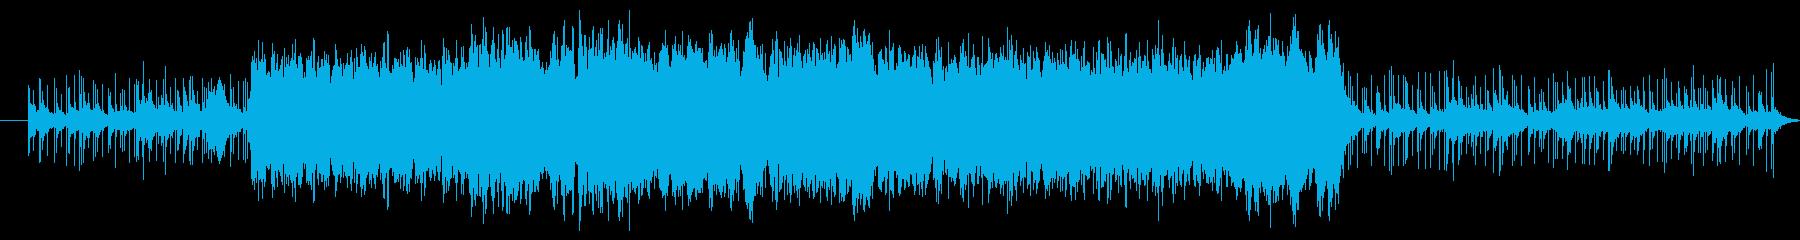 かっこいい響きのメロディーの再生済みの波形